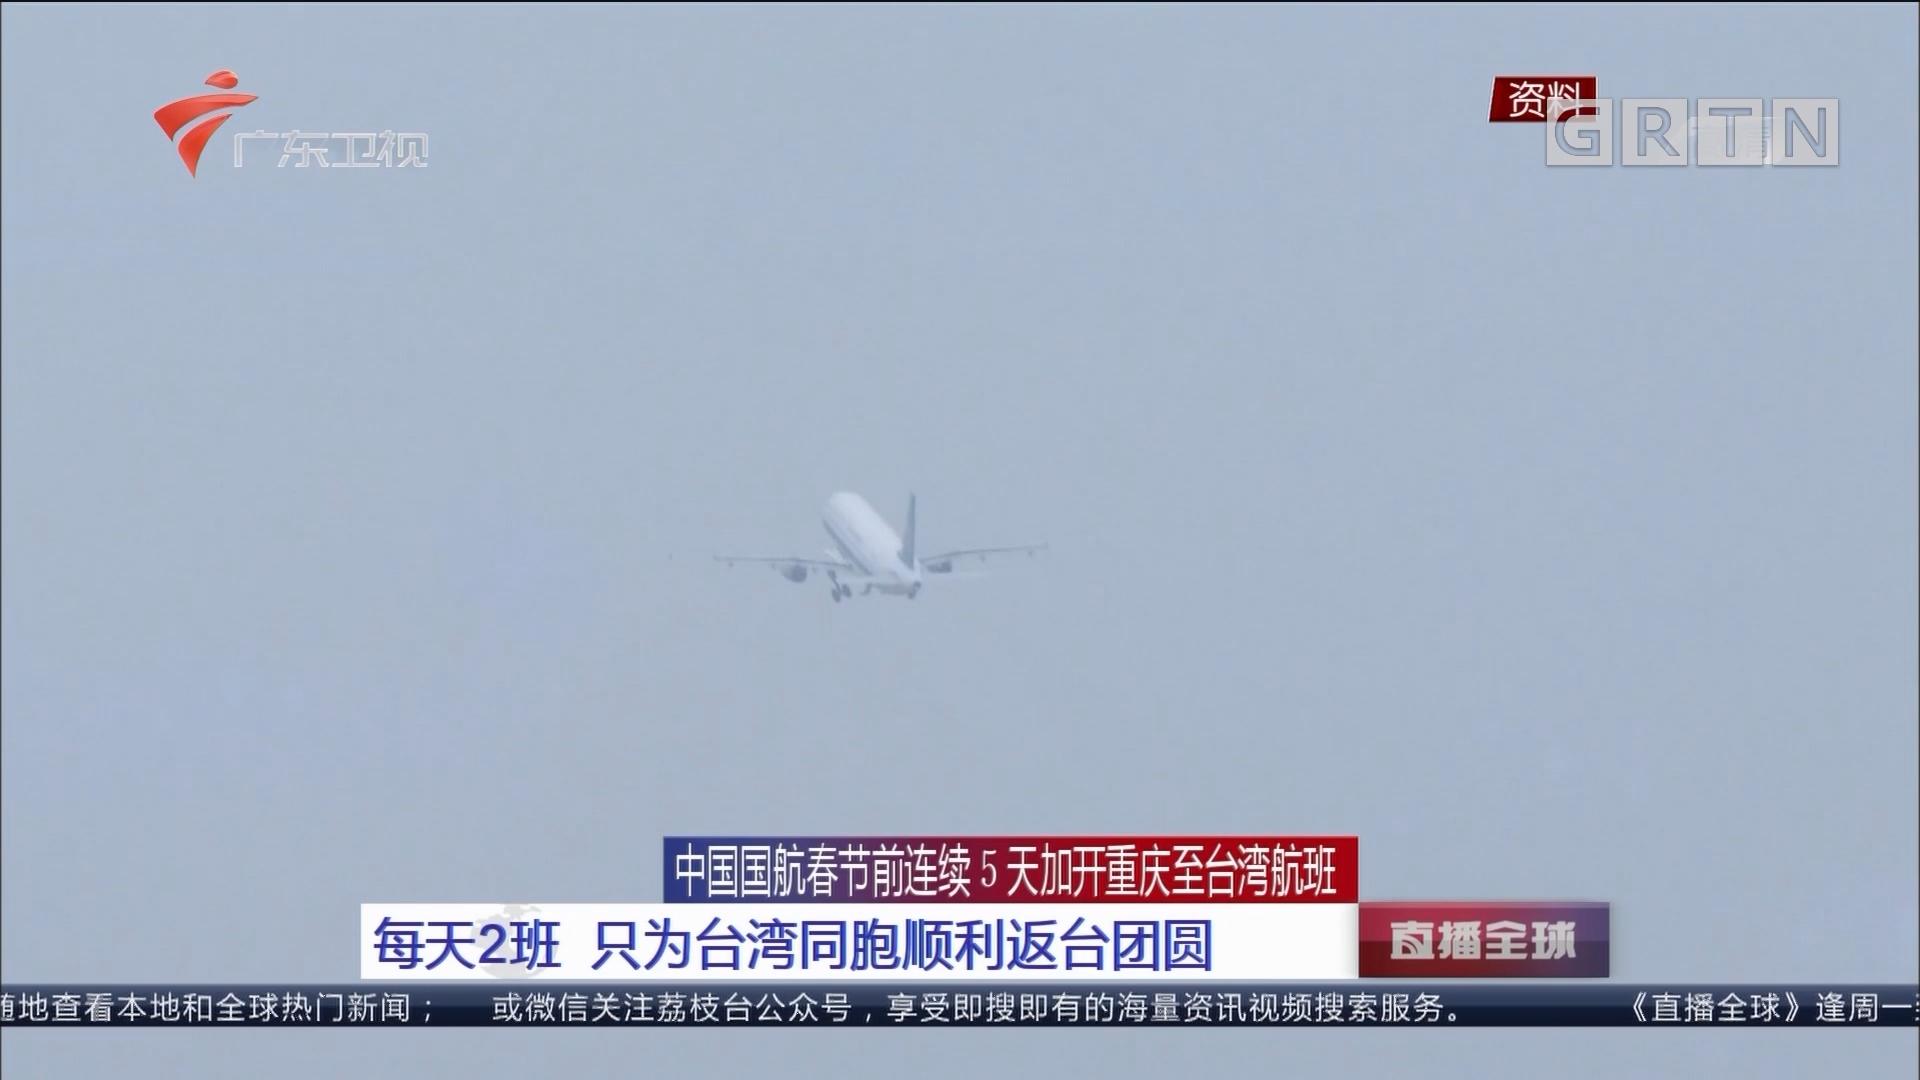 中国国航春节前连续5天加开重庆至台湾航班:每天2班 只为台湾同胞顺利返台团圆